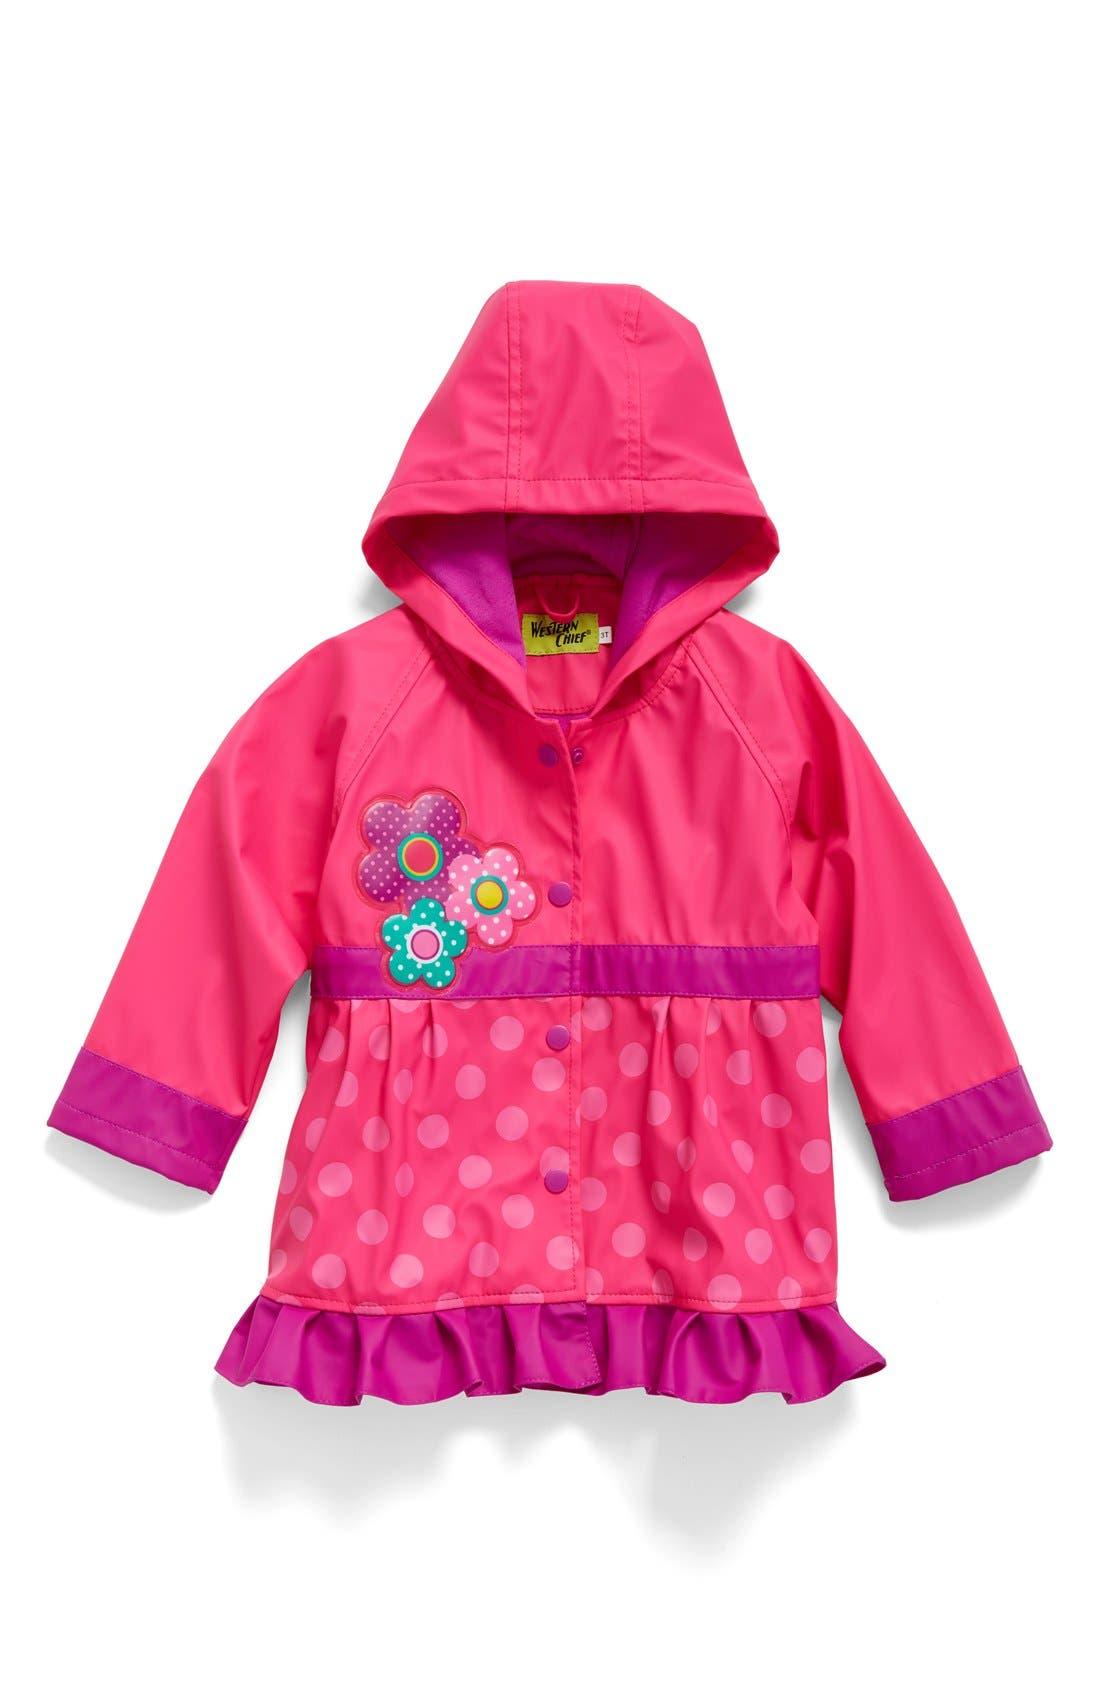 Flower Cutie Raincoat,                             Main thumbnail 1, color,                             PINK